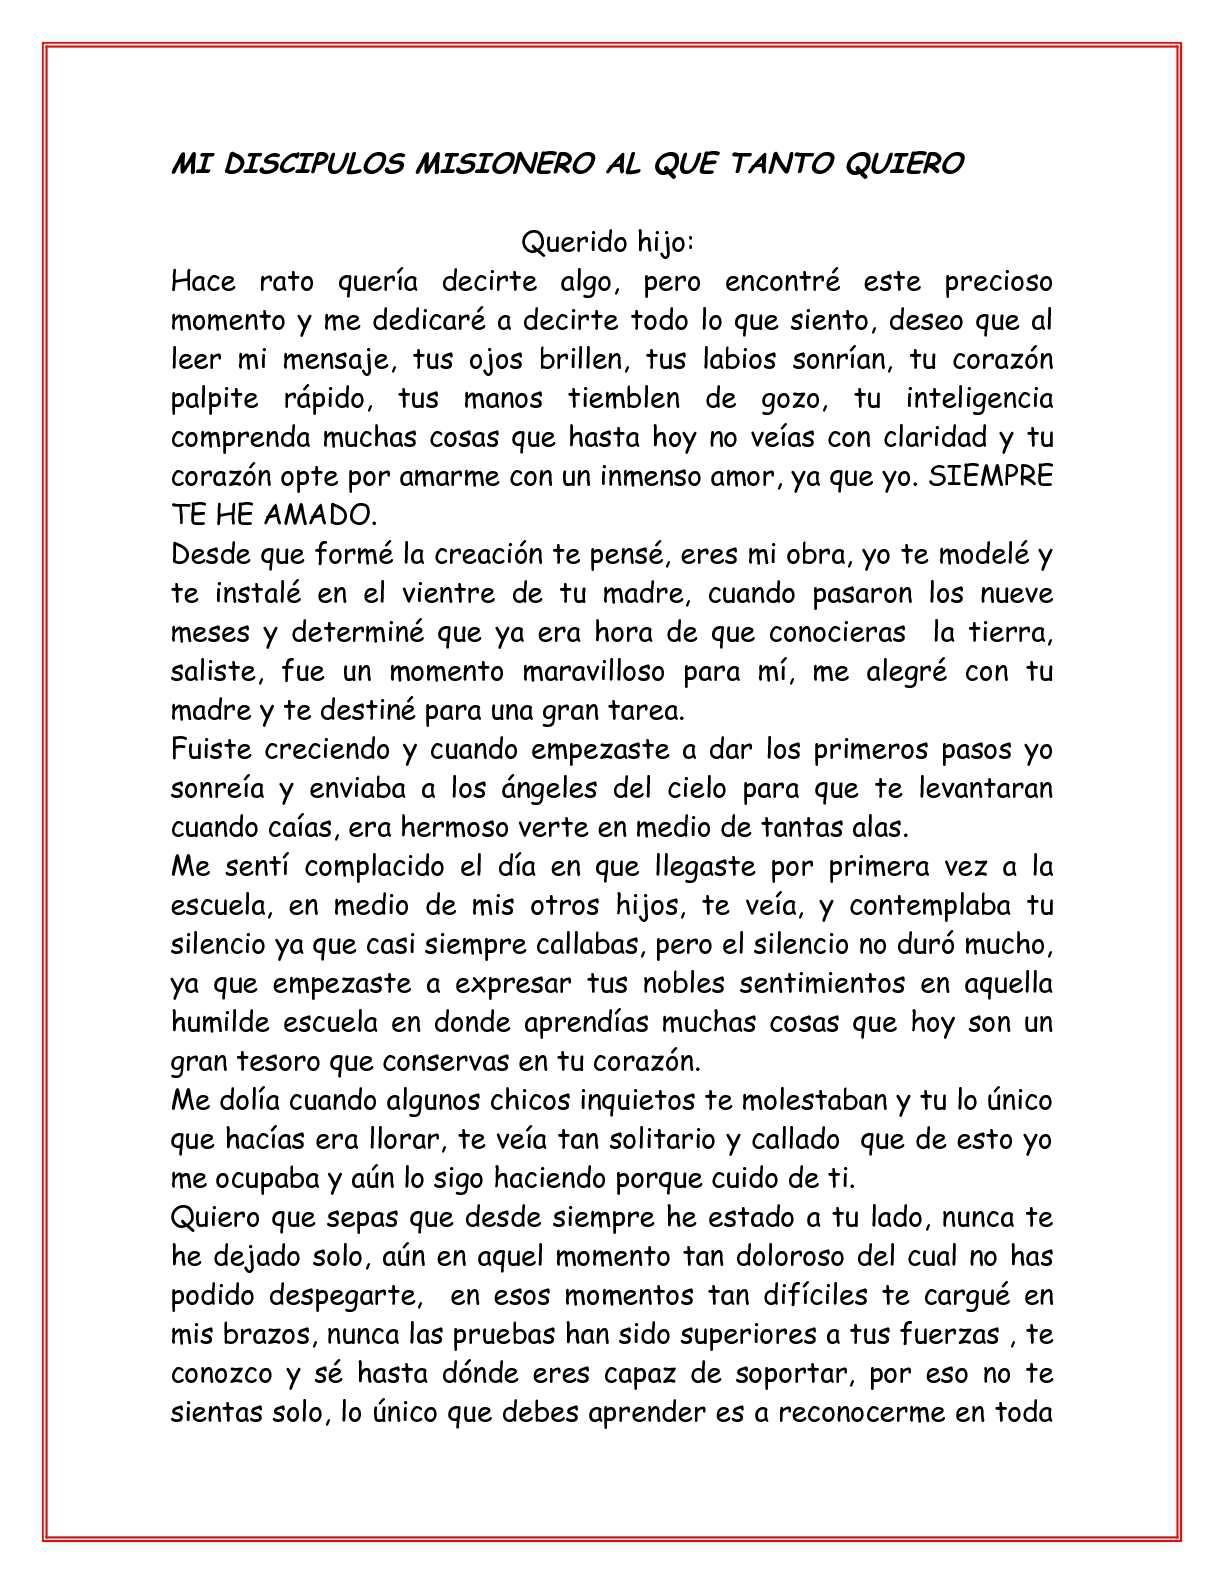 CARTA DE DIOS A UN DISCIPULO MISIONERO